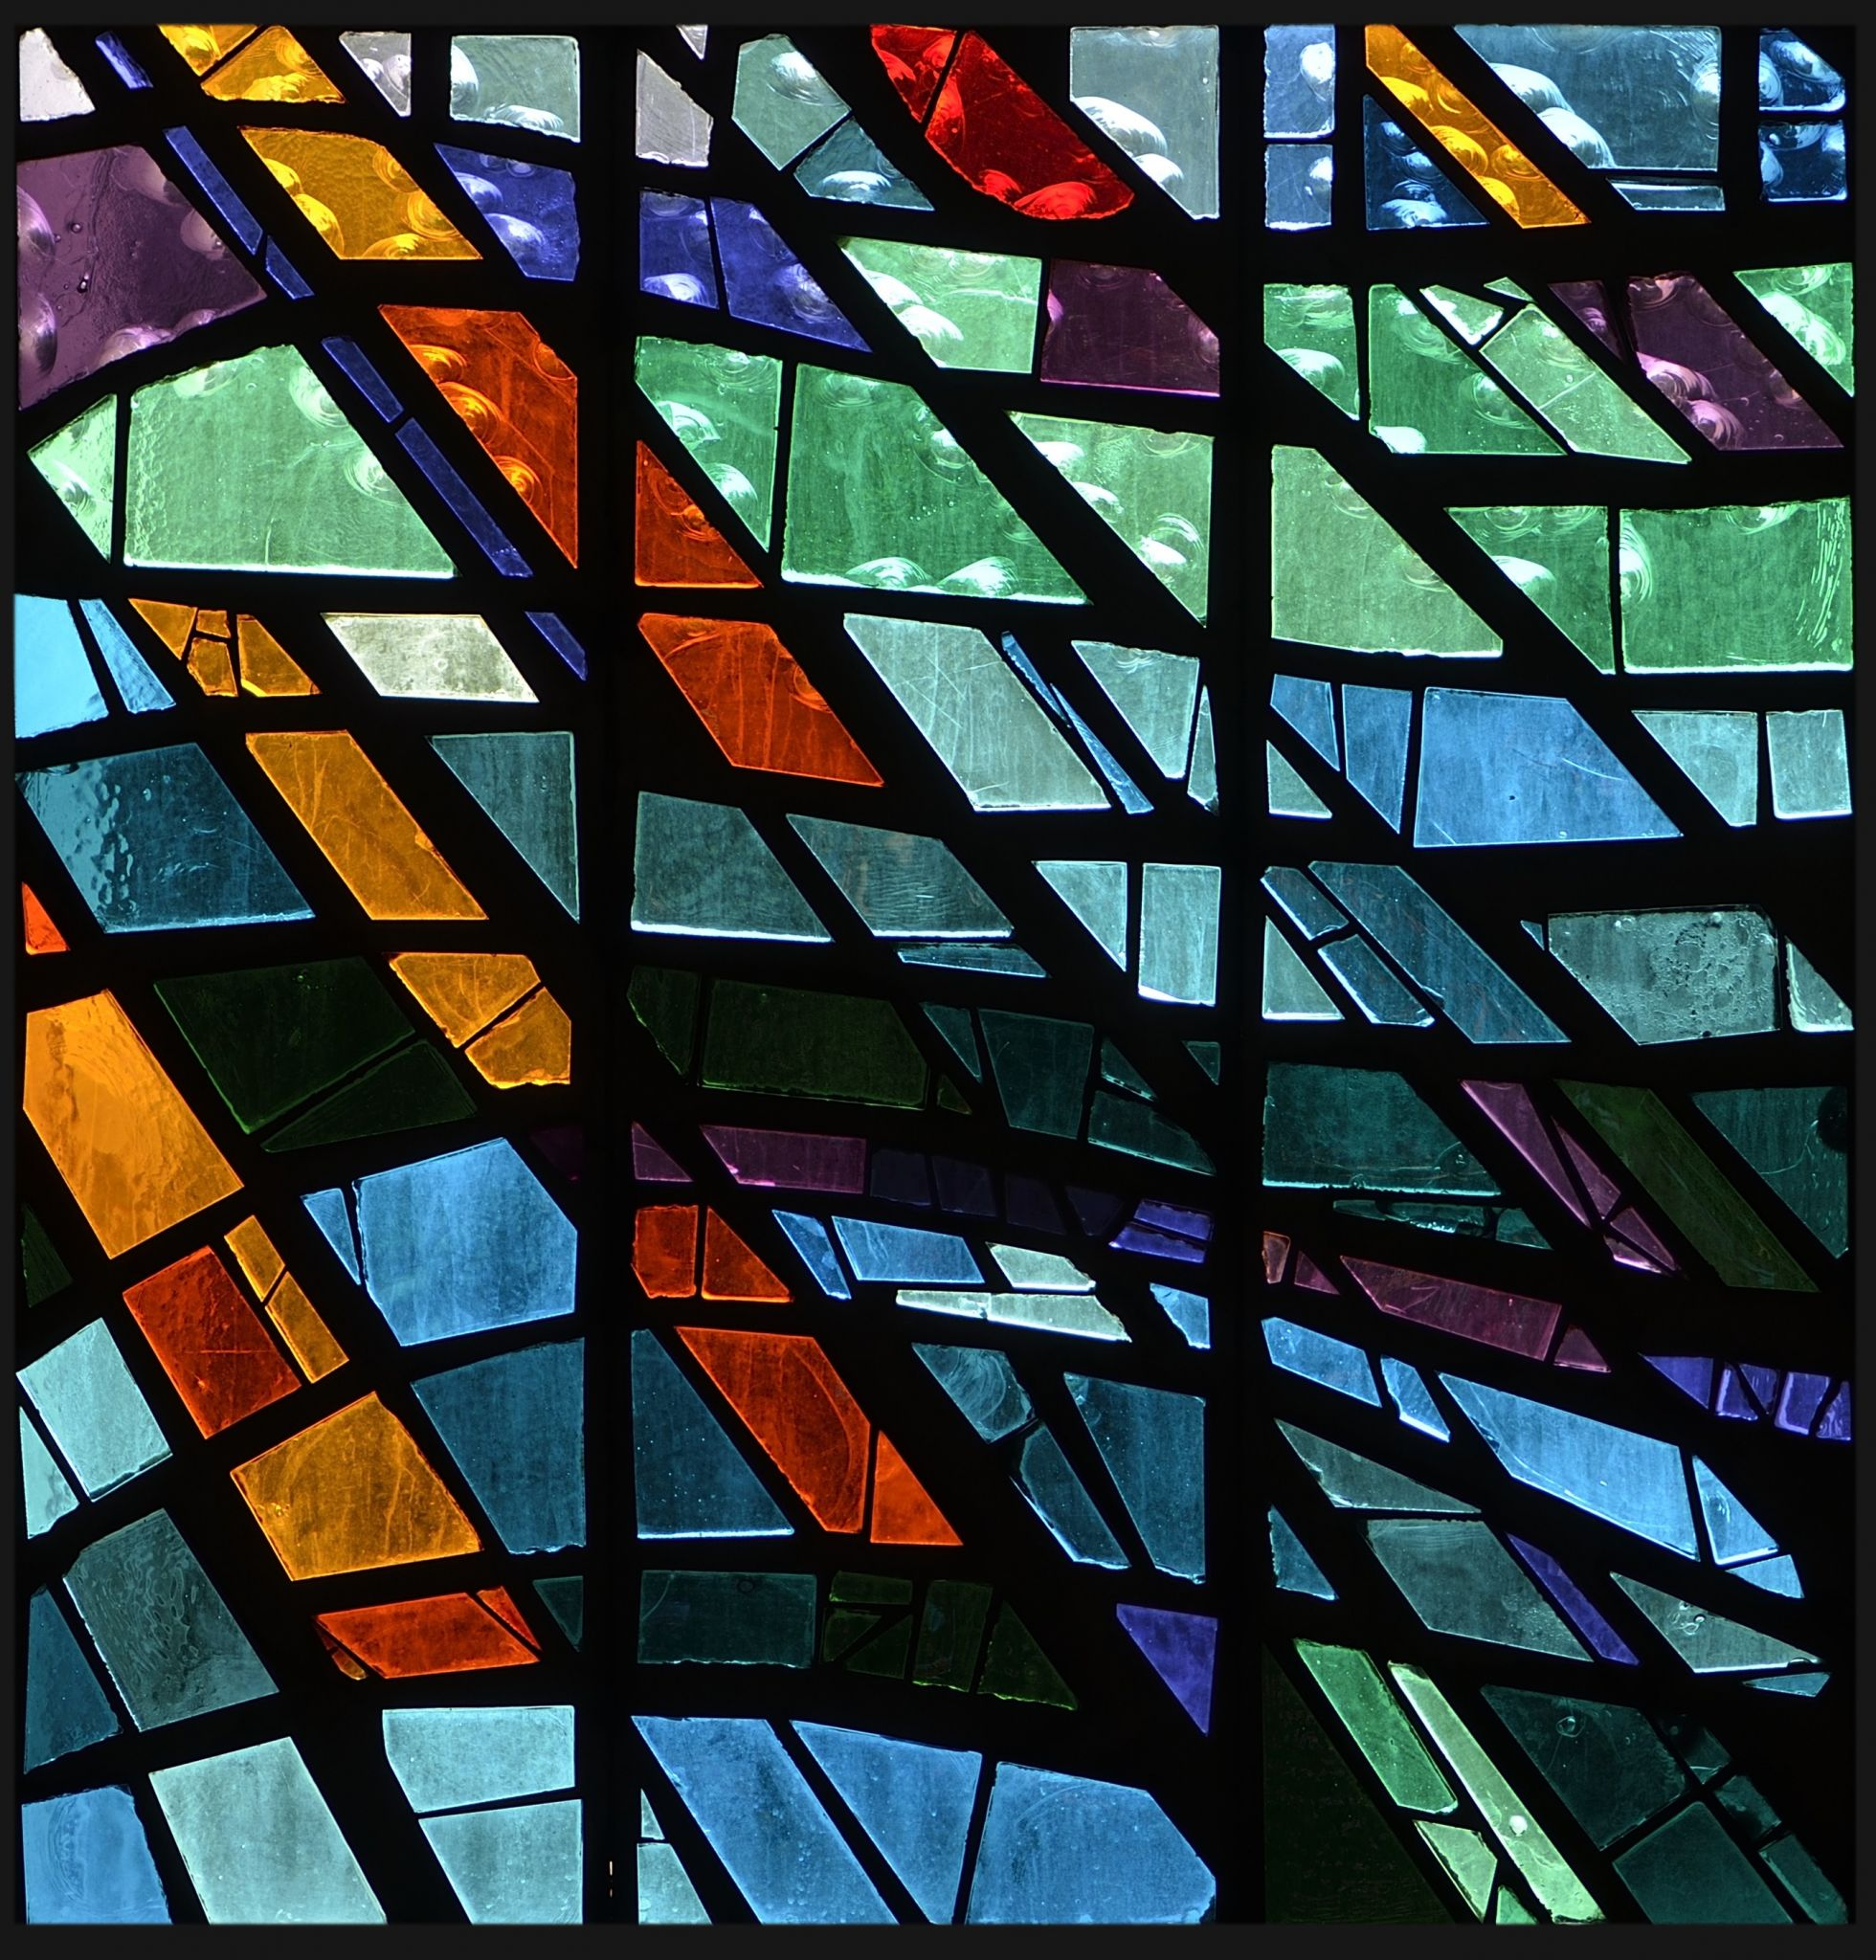 vetrate artistiche fiorentine furnishing dalle